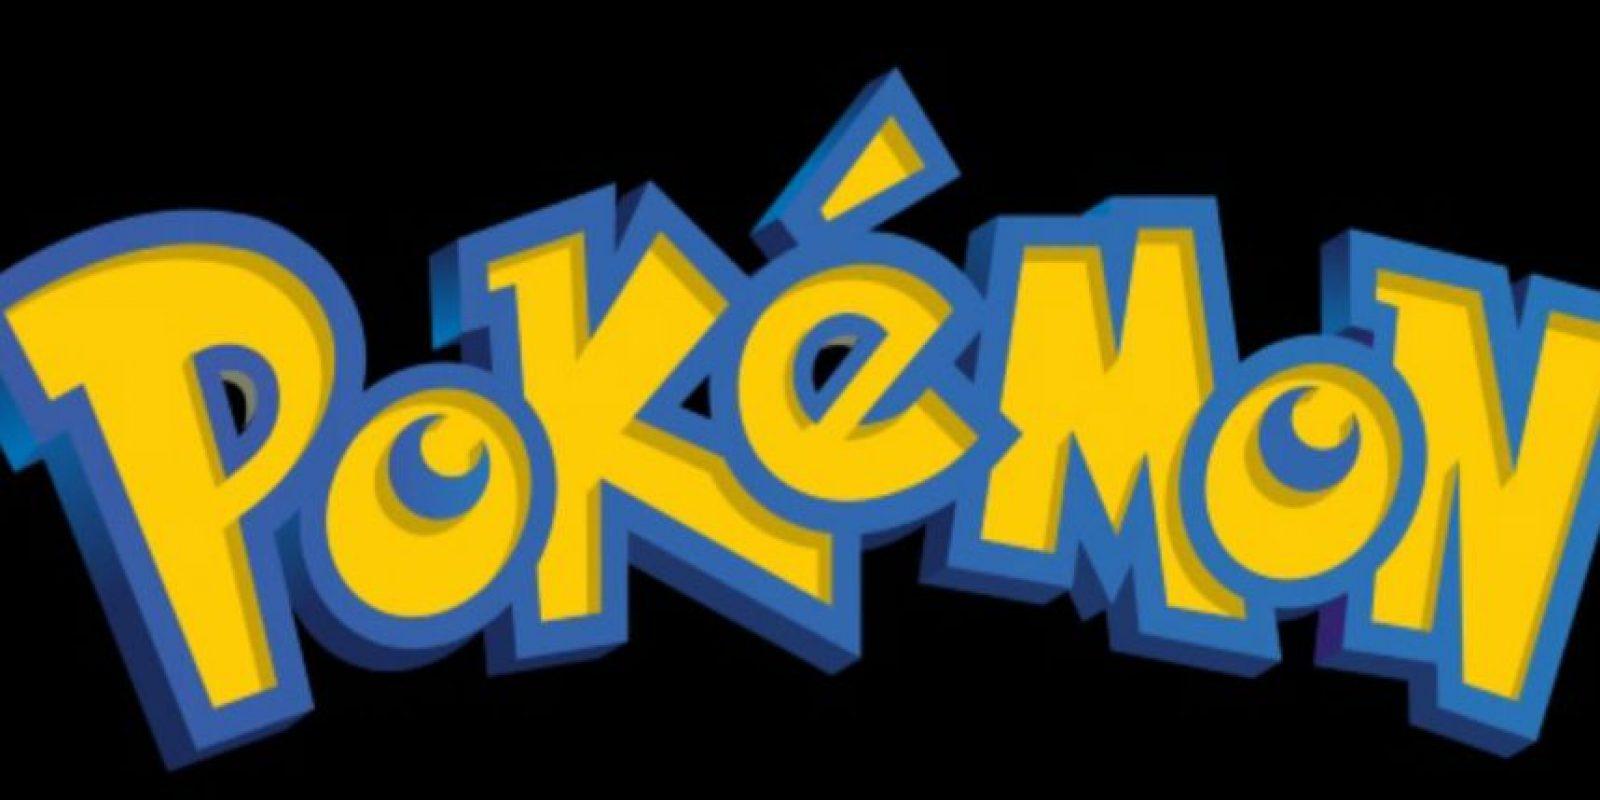 Estos serán la continuación de la saga. Foto:Nintendo